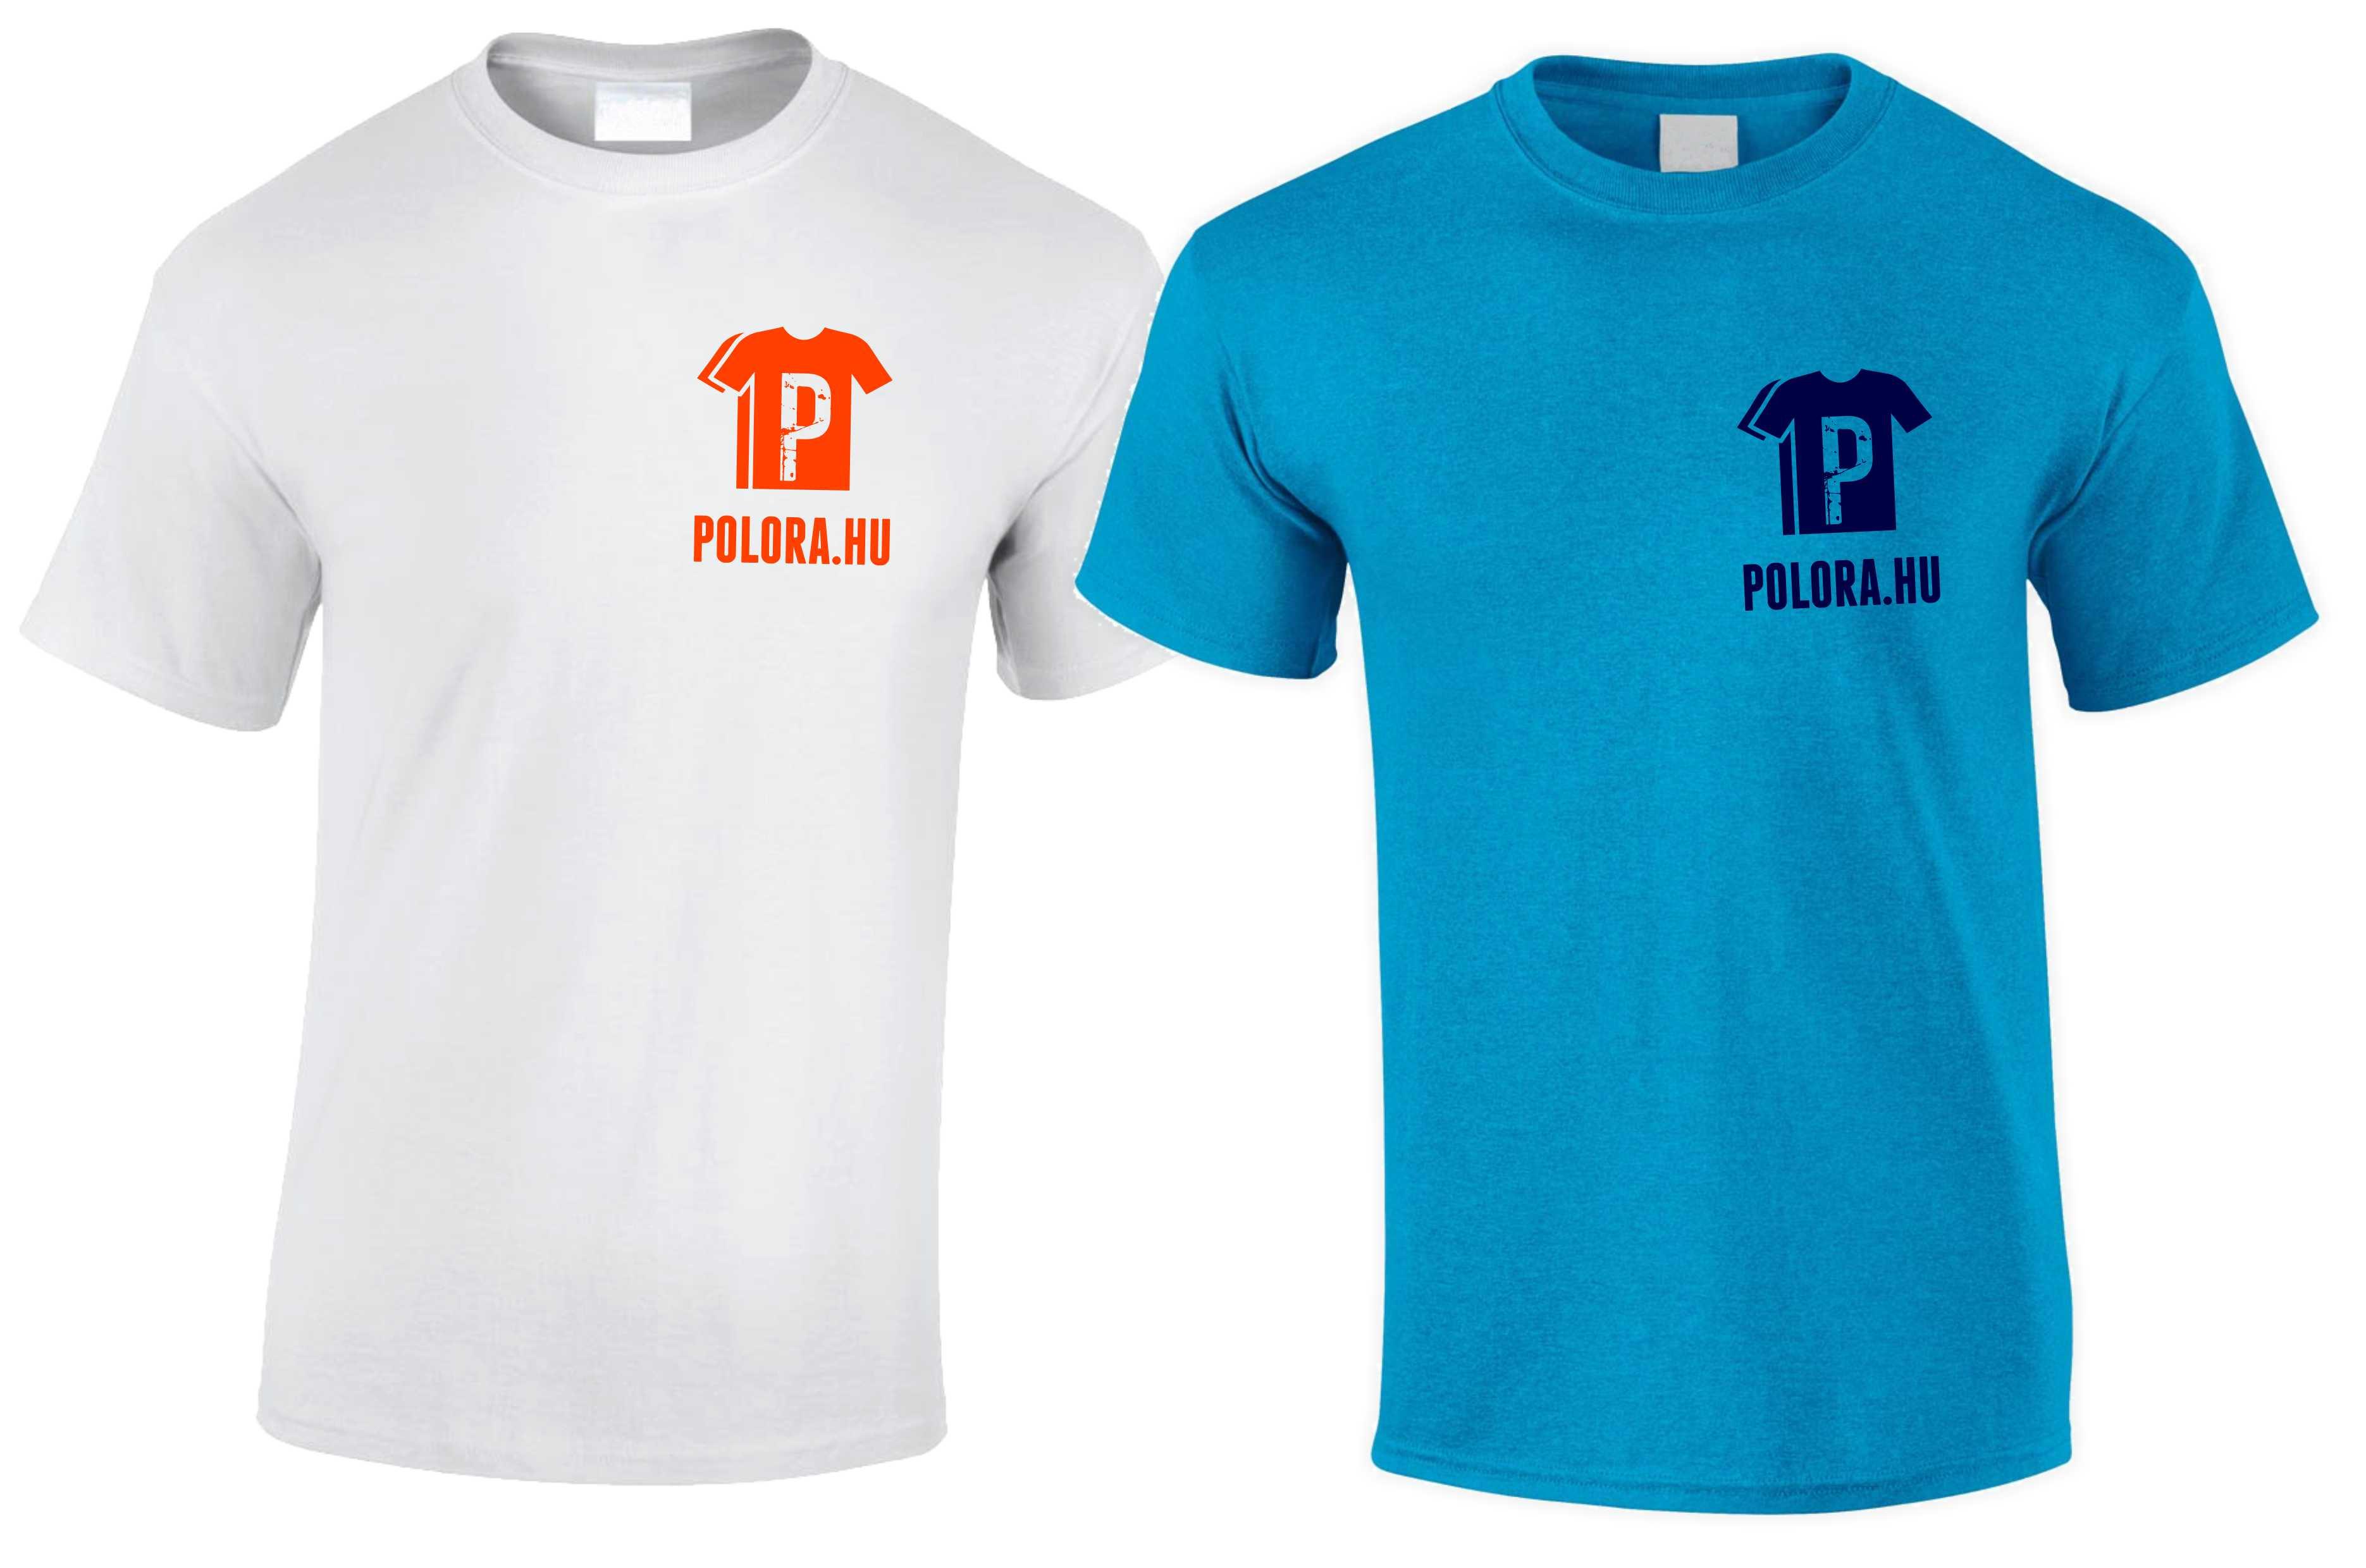 Póló készítés szitanyomással - Pólónyomás 5a2f8963a7